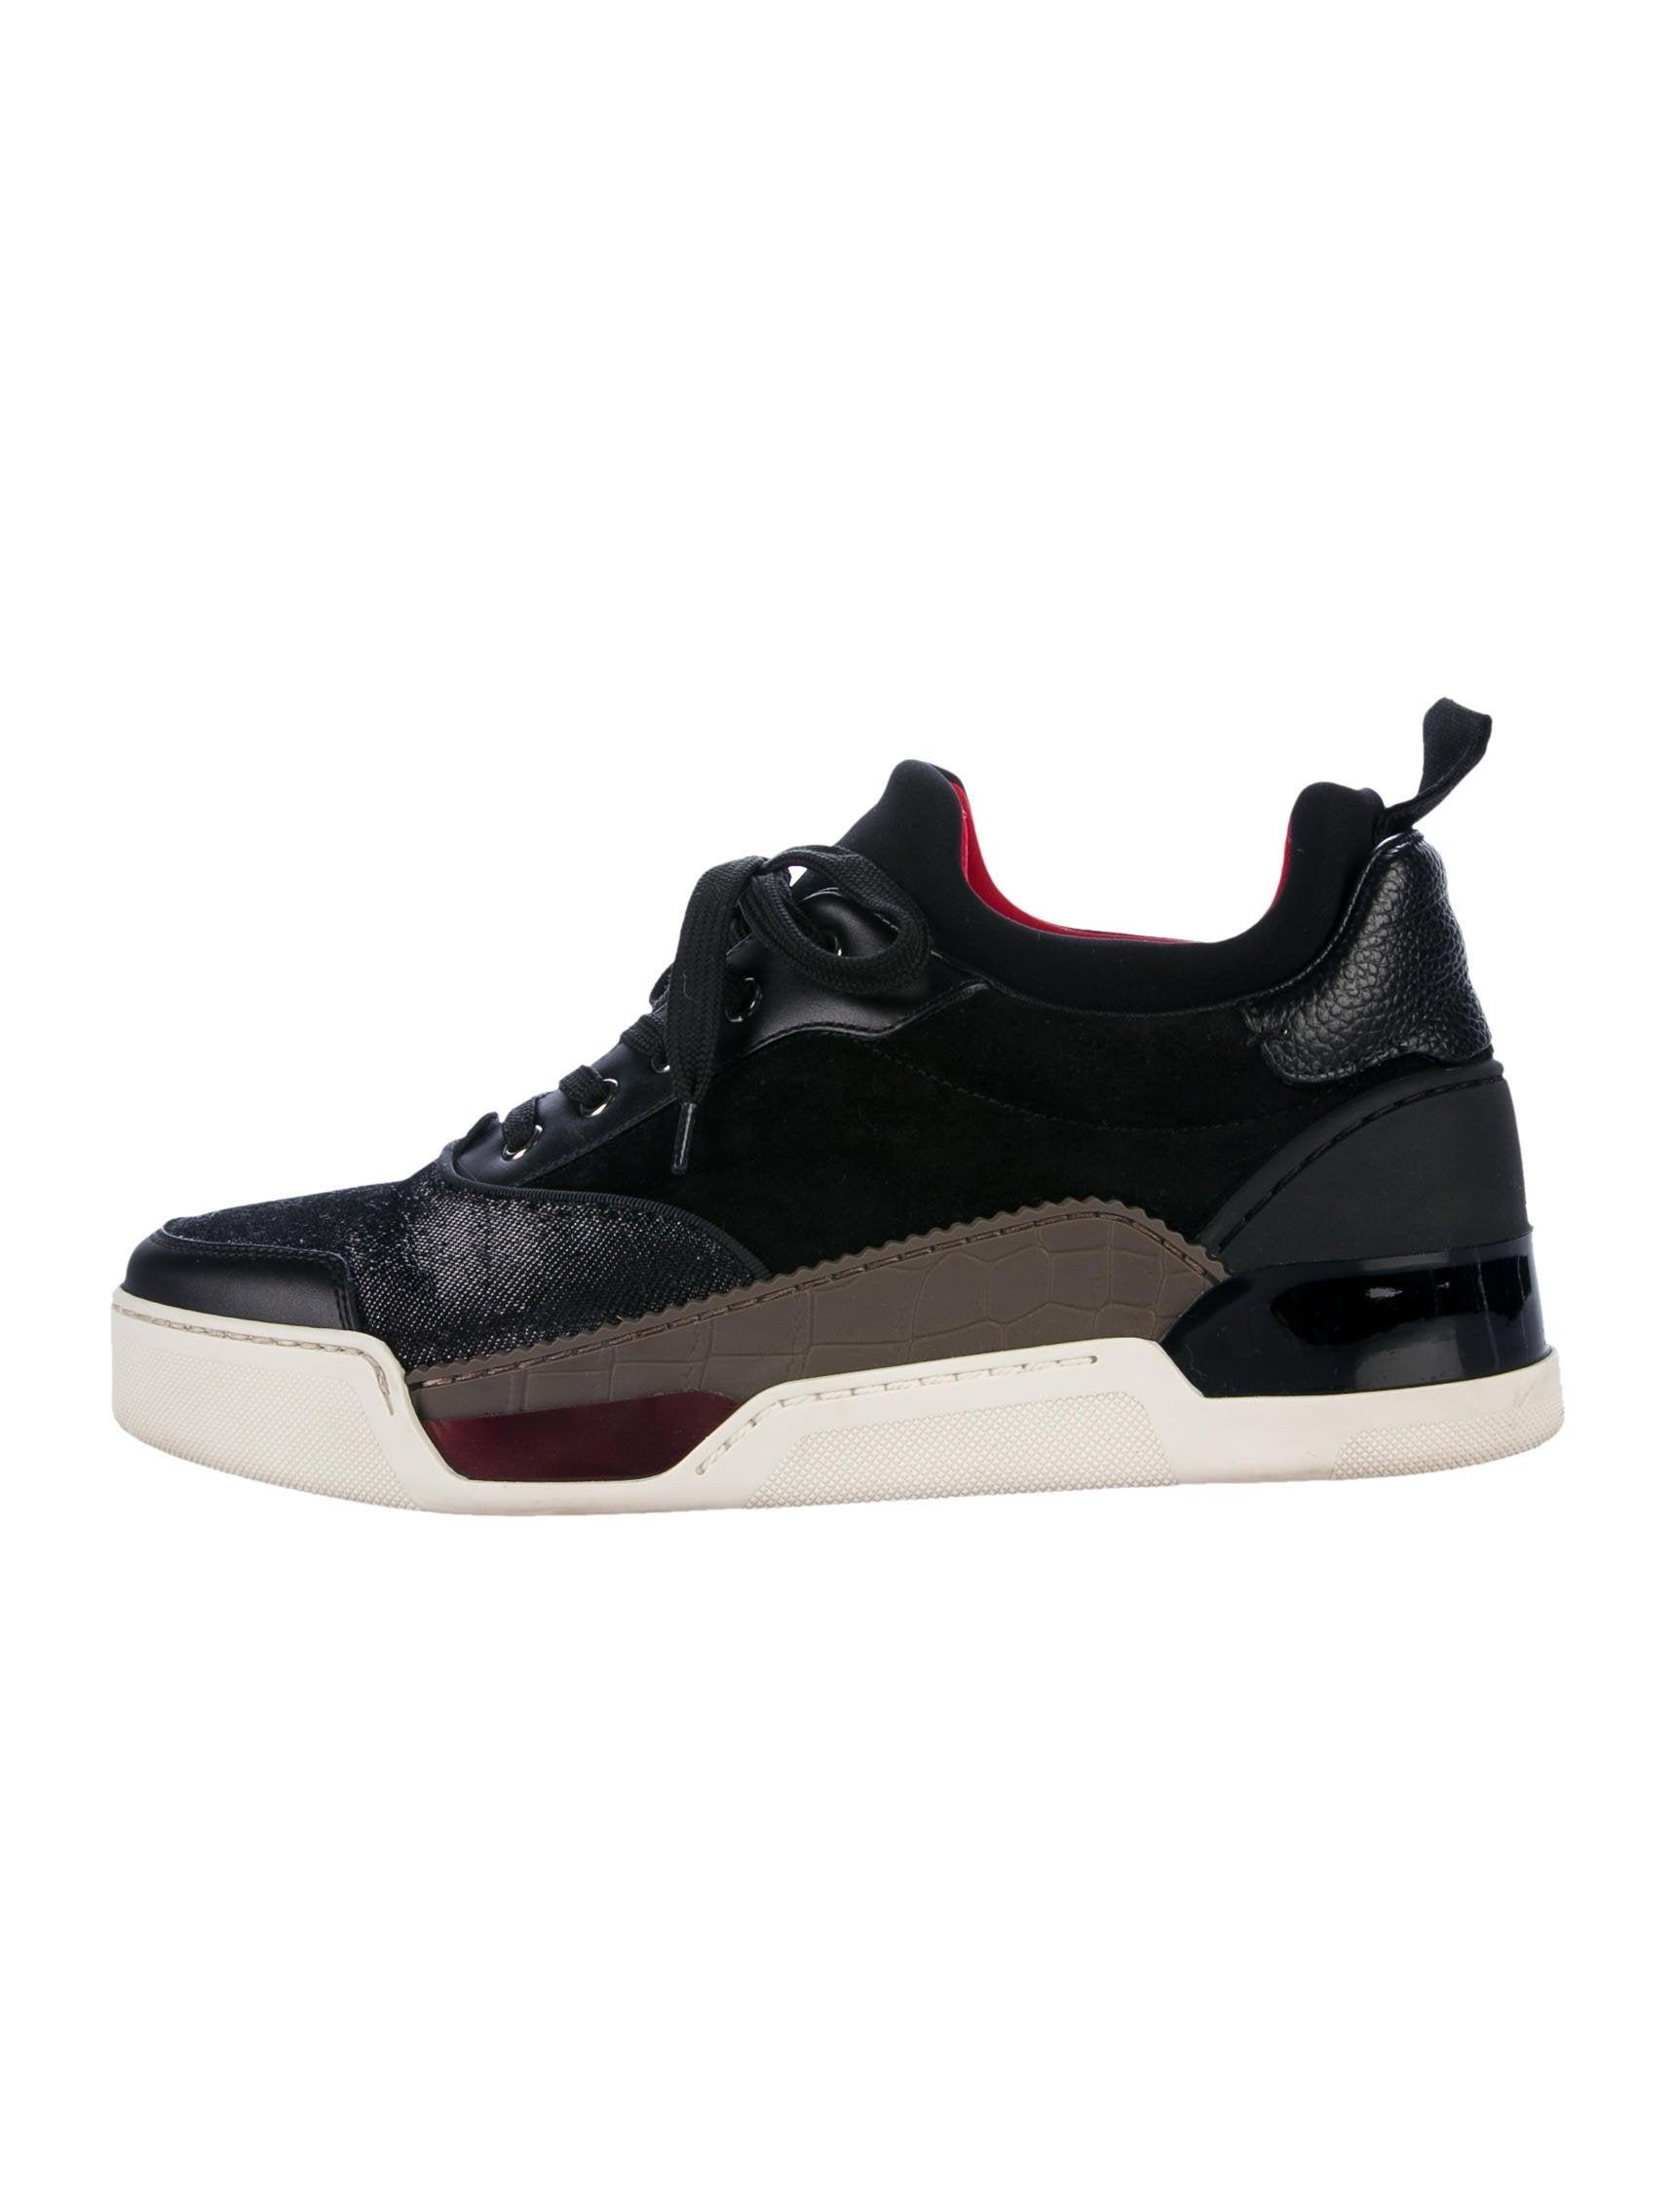 louboutin 2017 sneakers